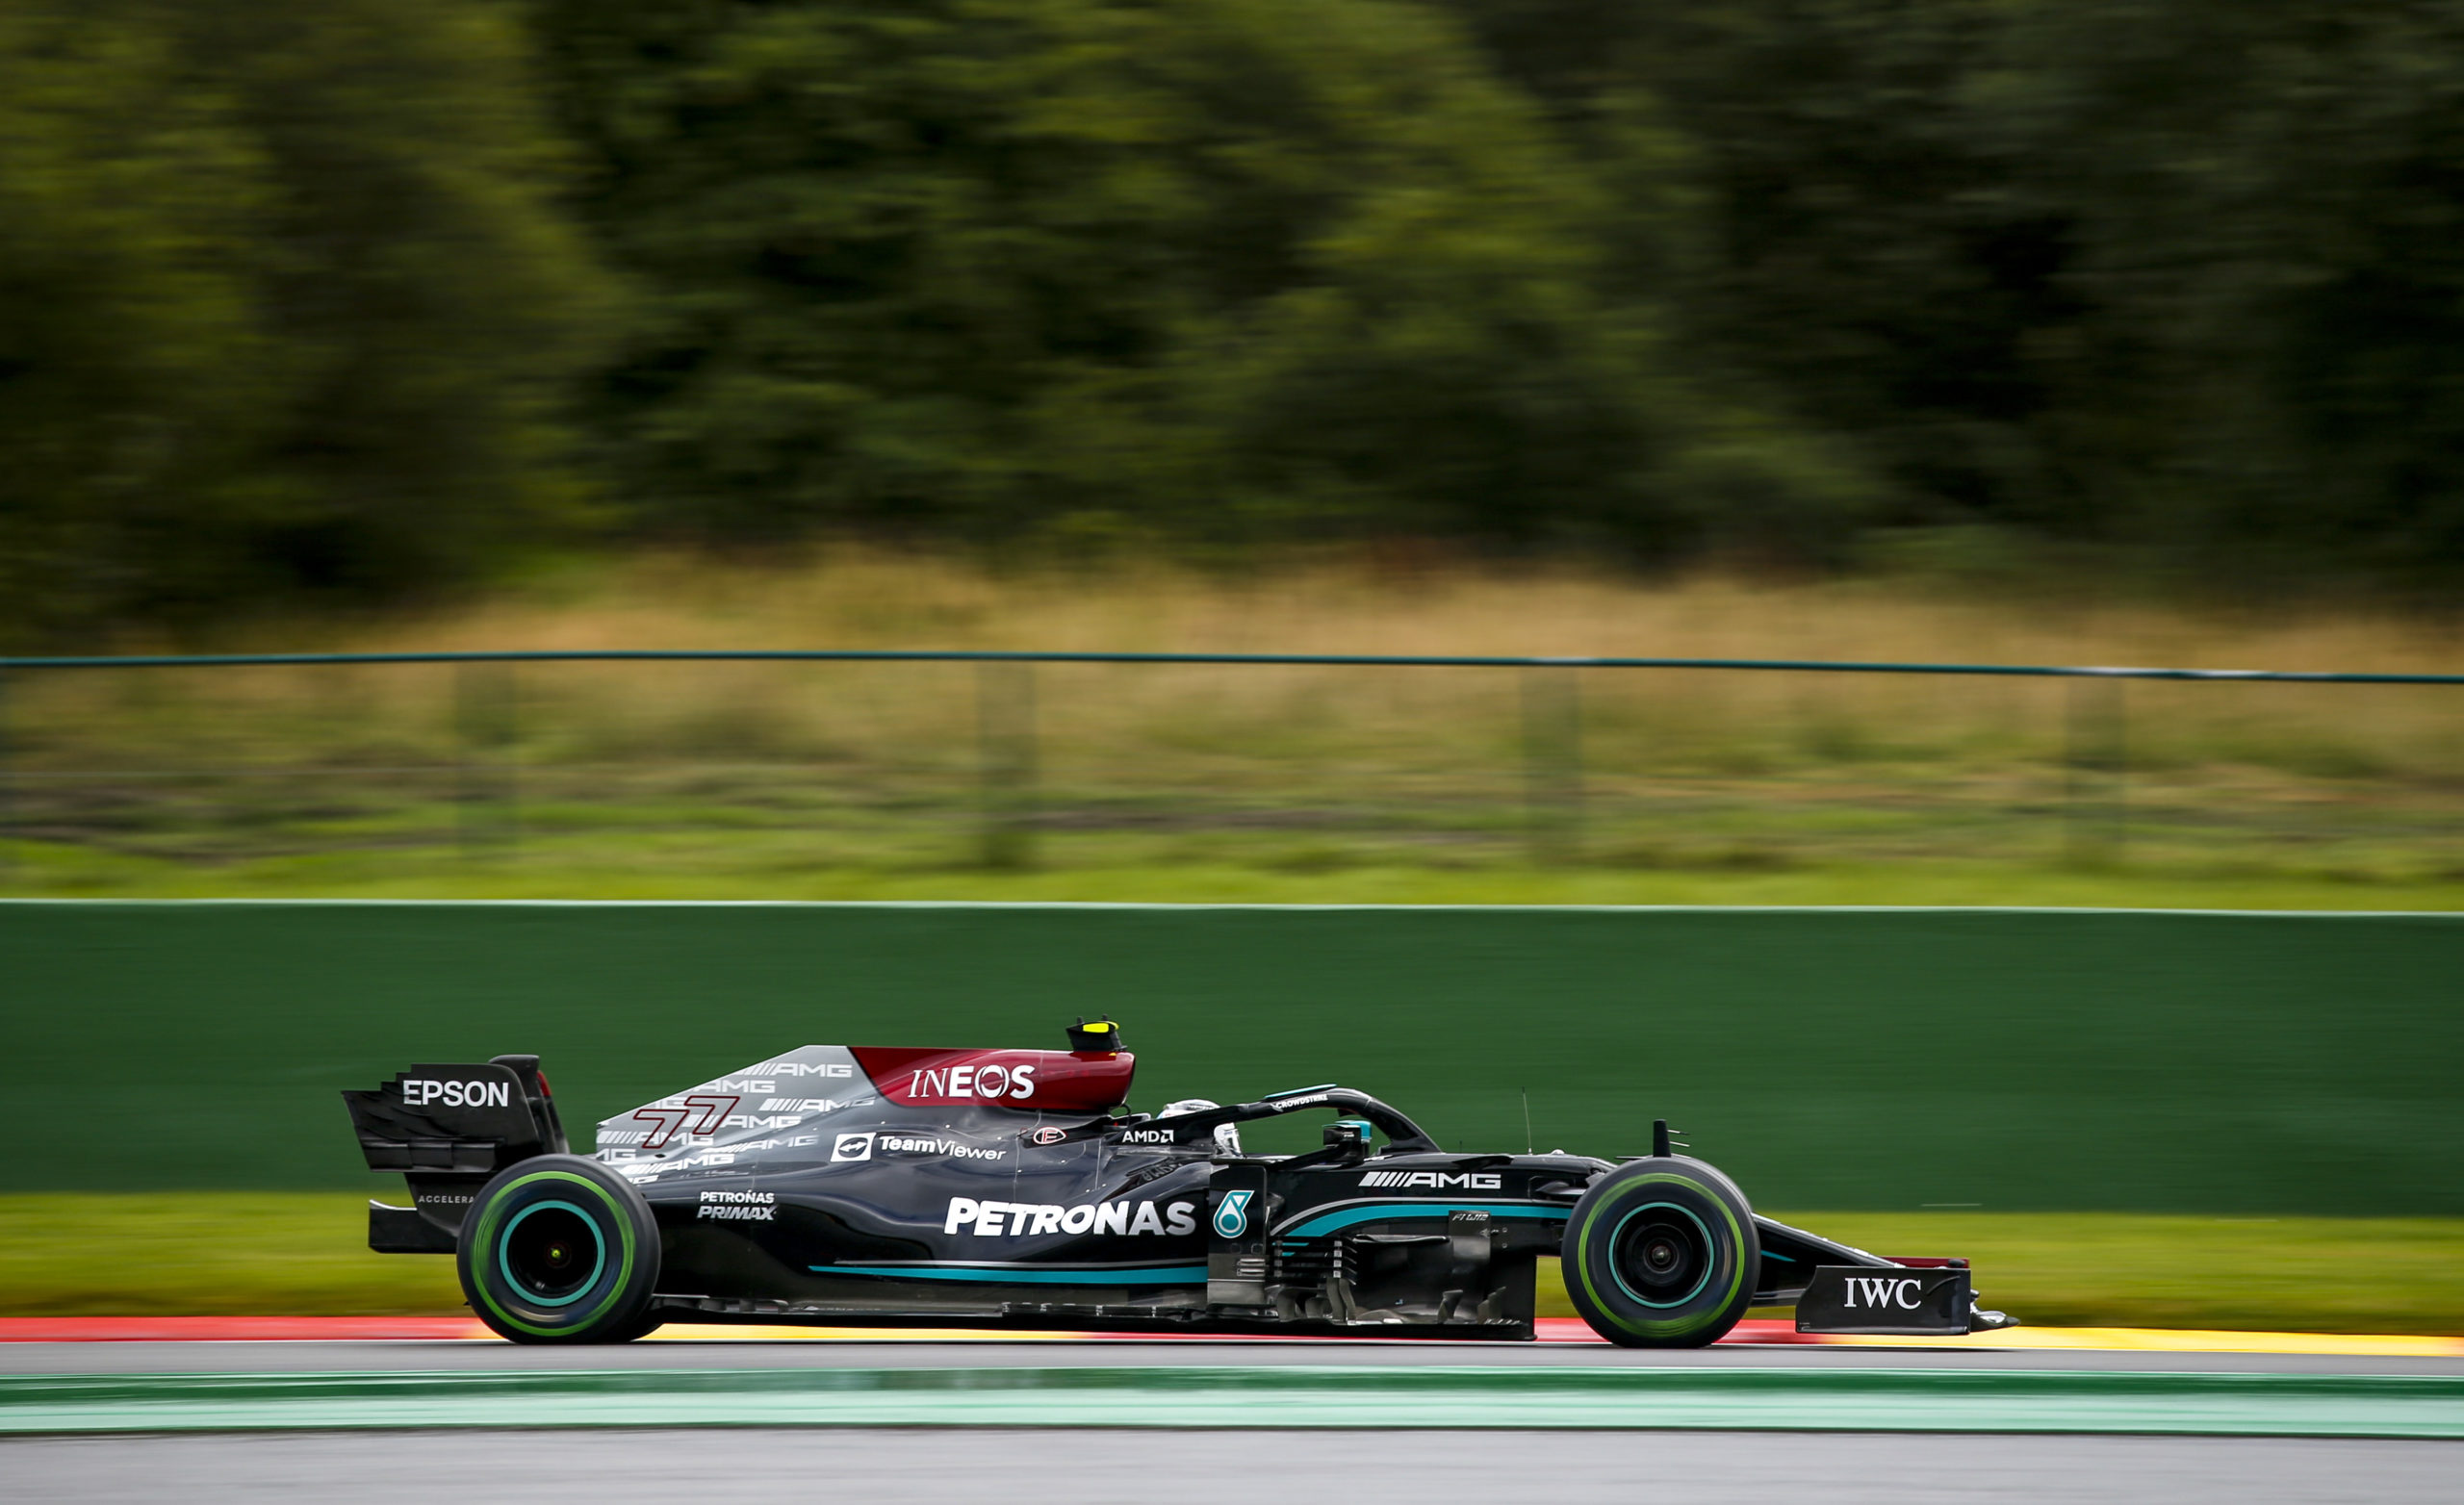 Valtteri Bottas, Mercedes, 2021 Belgian Grand Prix, Saturday - Jiri Krenek